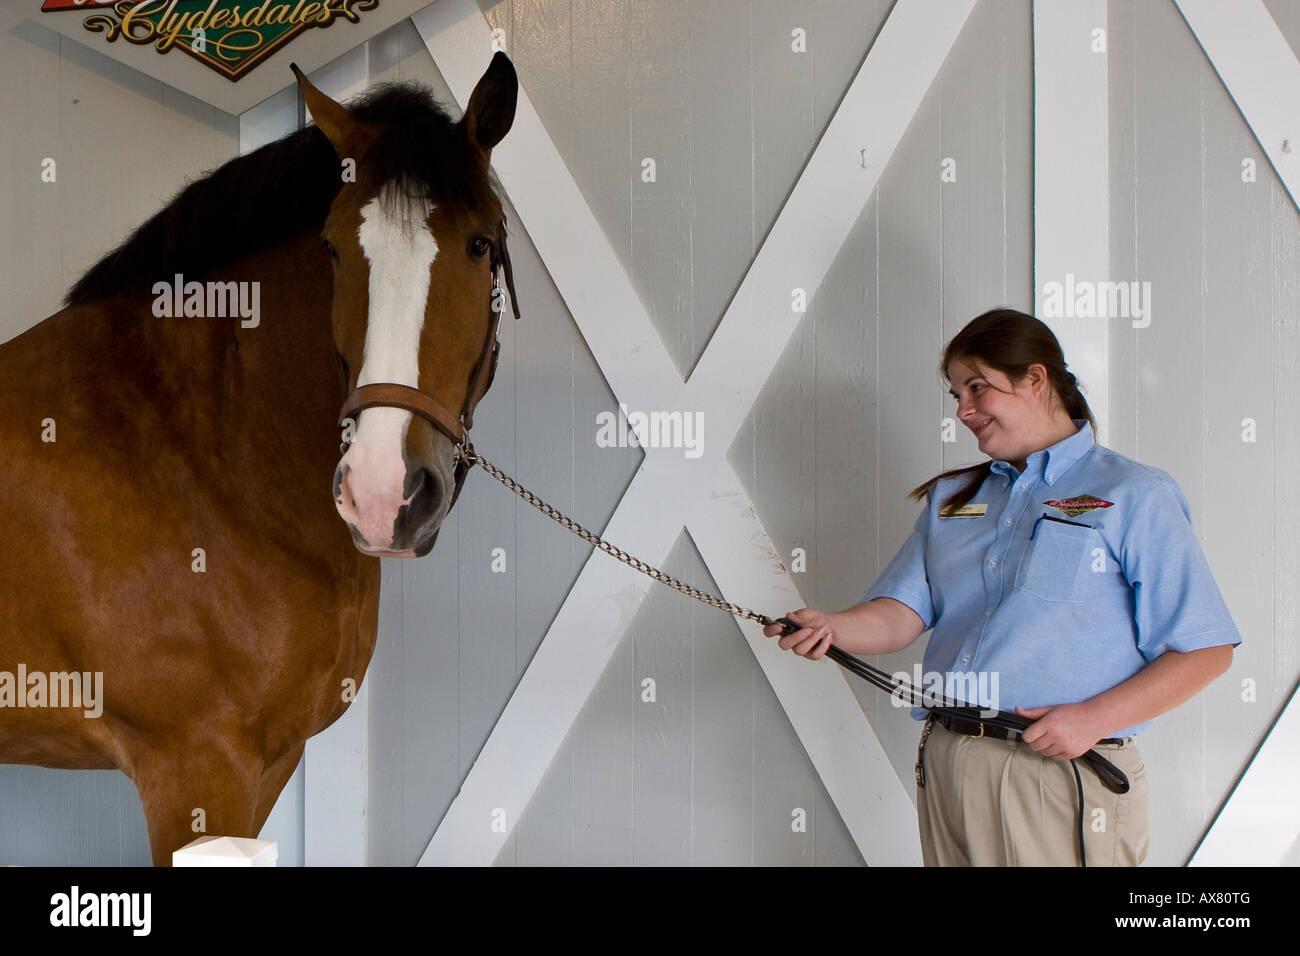 Anheuser Busch Family Stock Photos & Anheuser Busch Family